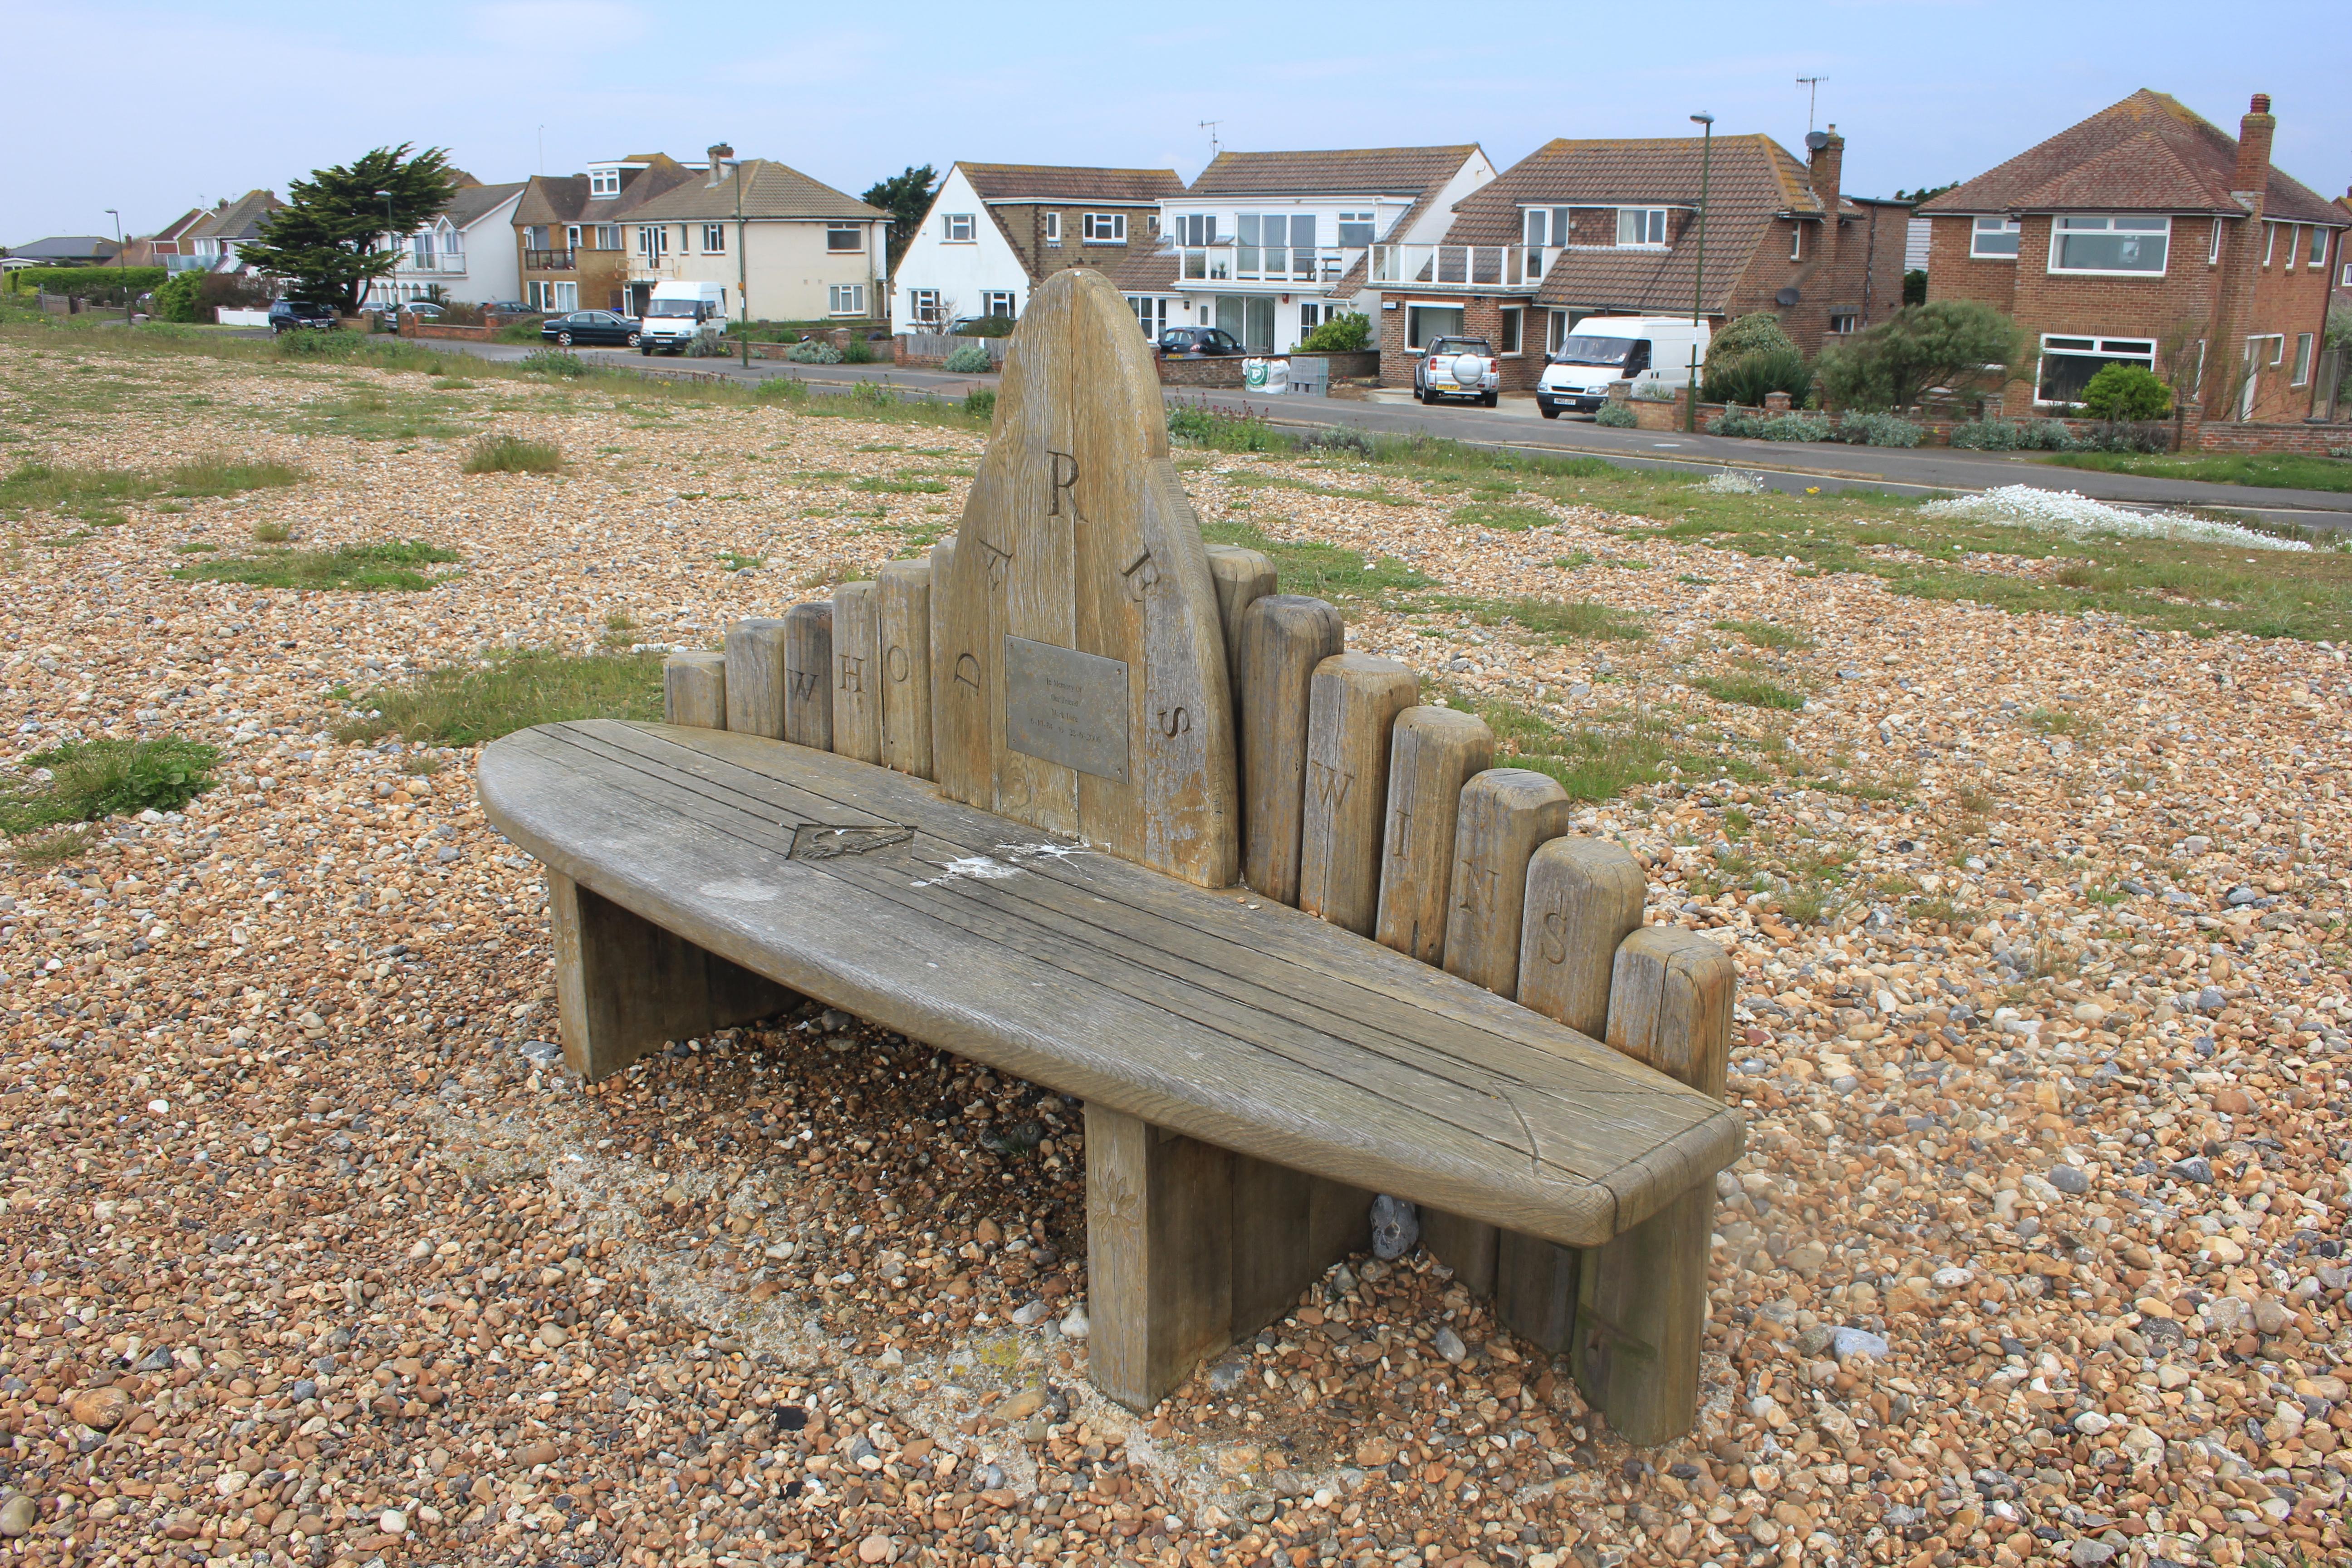 54a Shoreham Beach Part Iii The Coastal Path